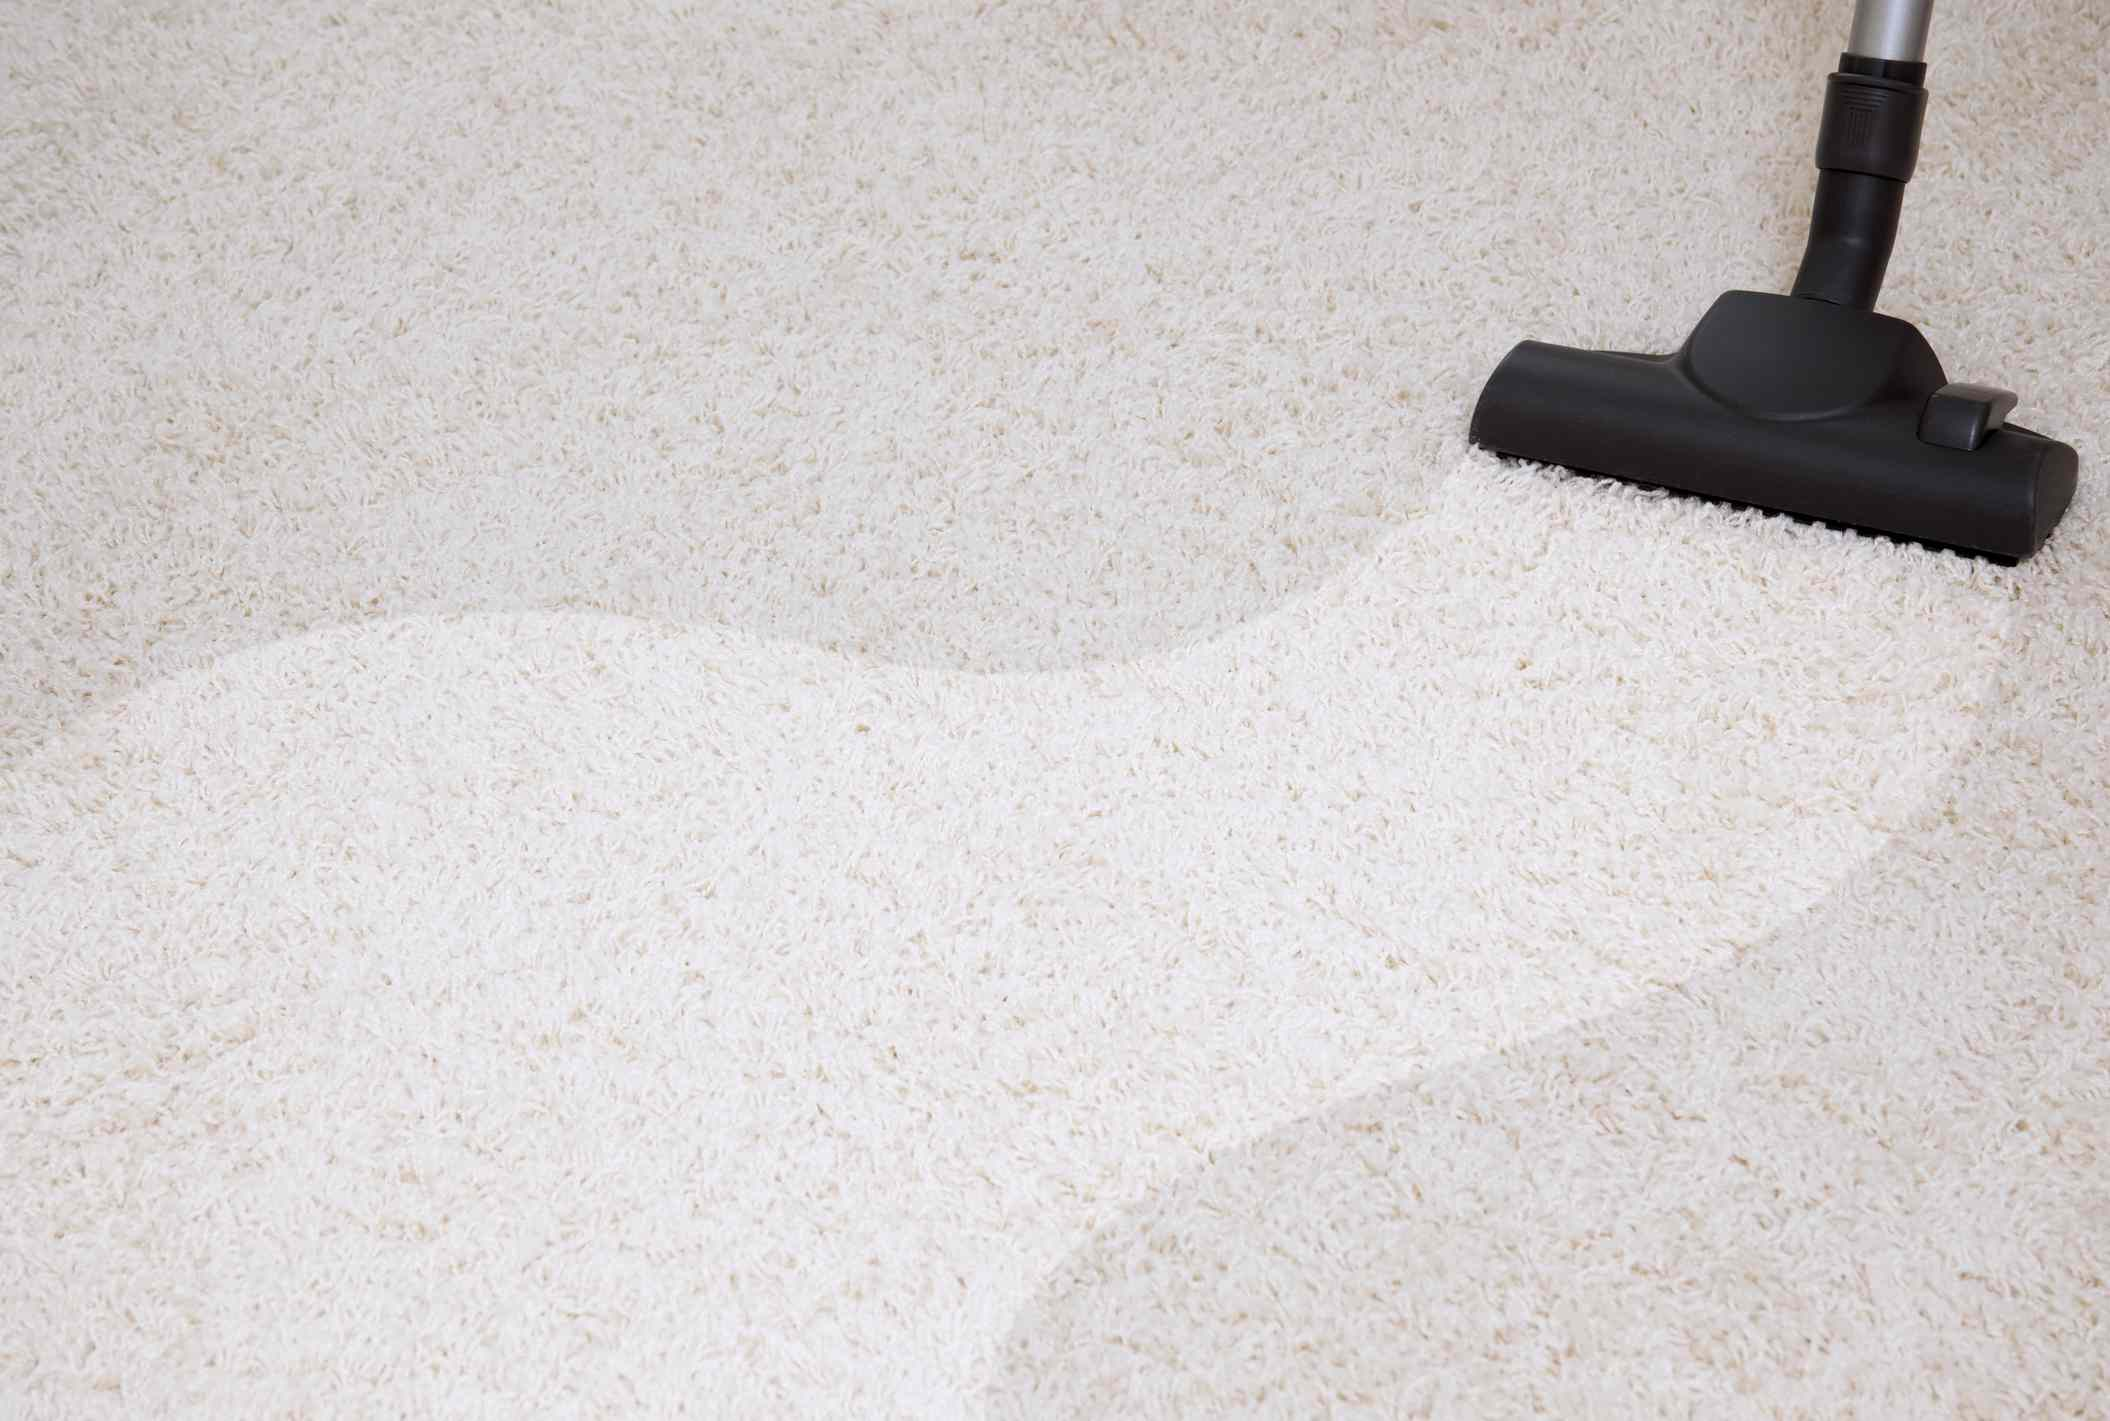 Understanding Vacuum Cleaner Features